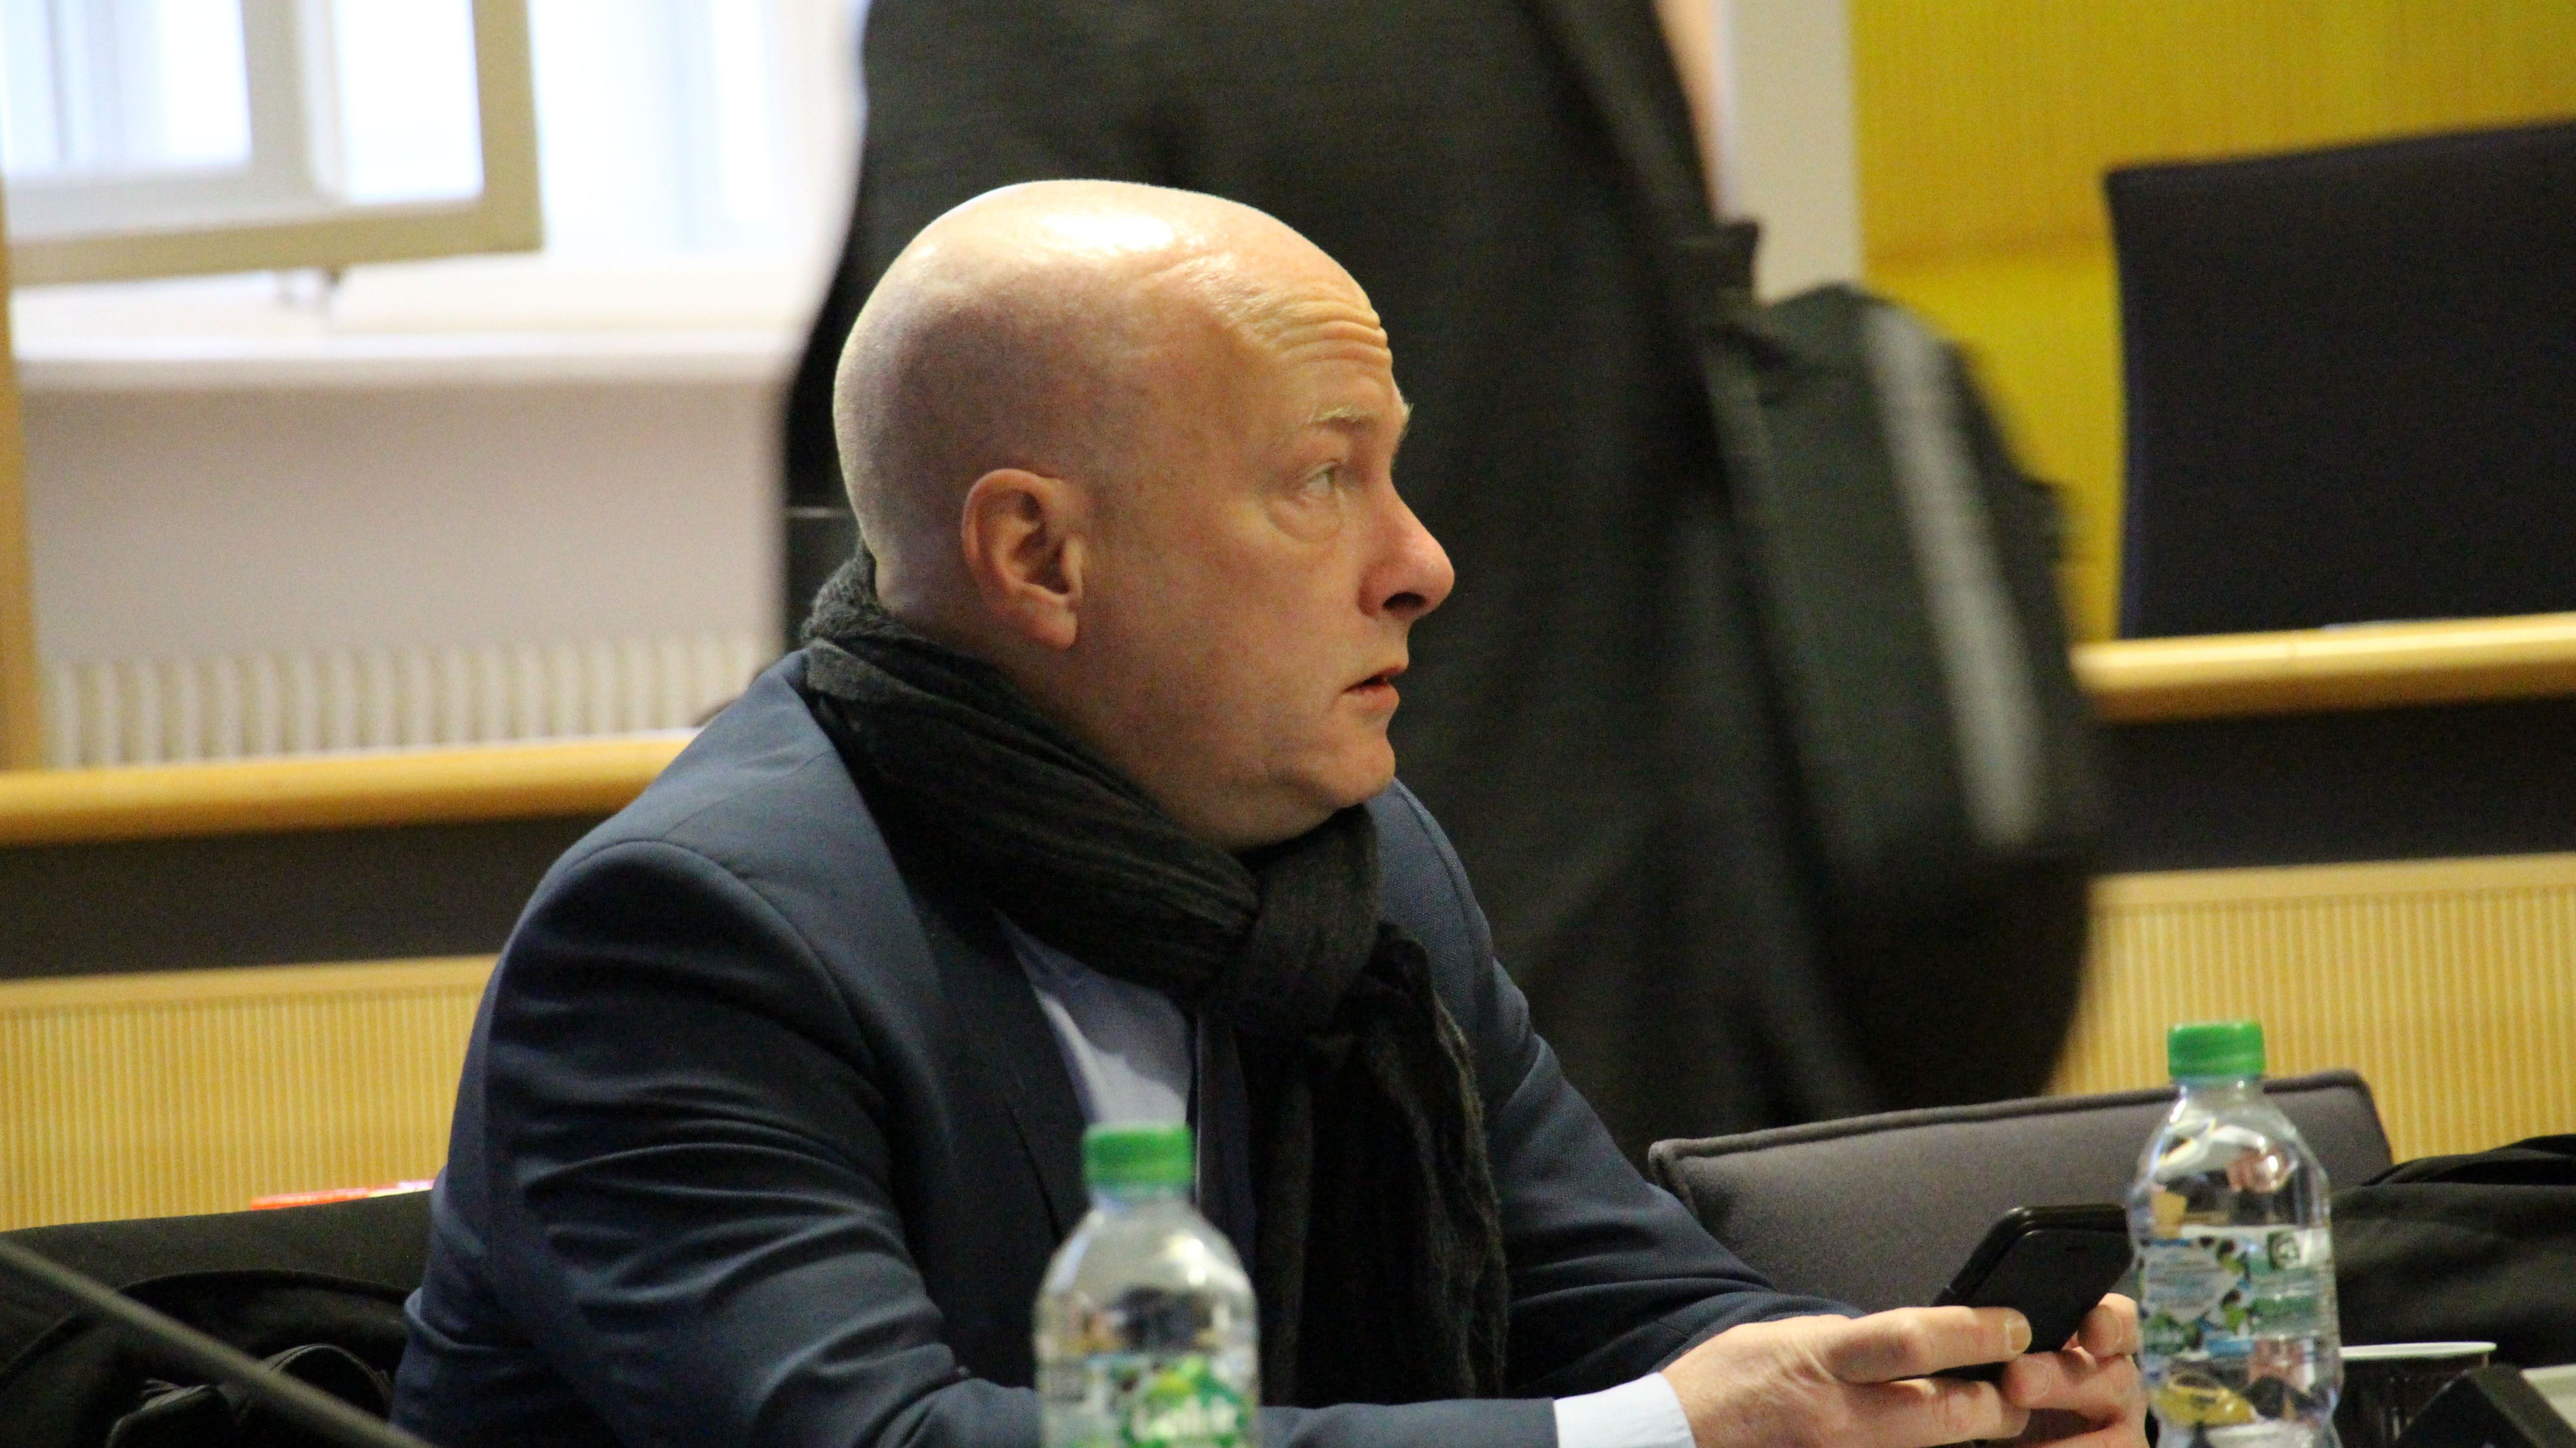 Der suspendierte Regensburger Oberbürgermeister Joachim Wolbergs vor Gericht.